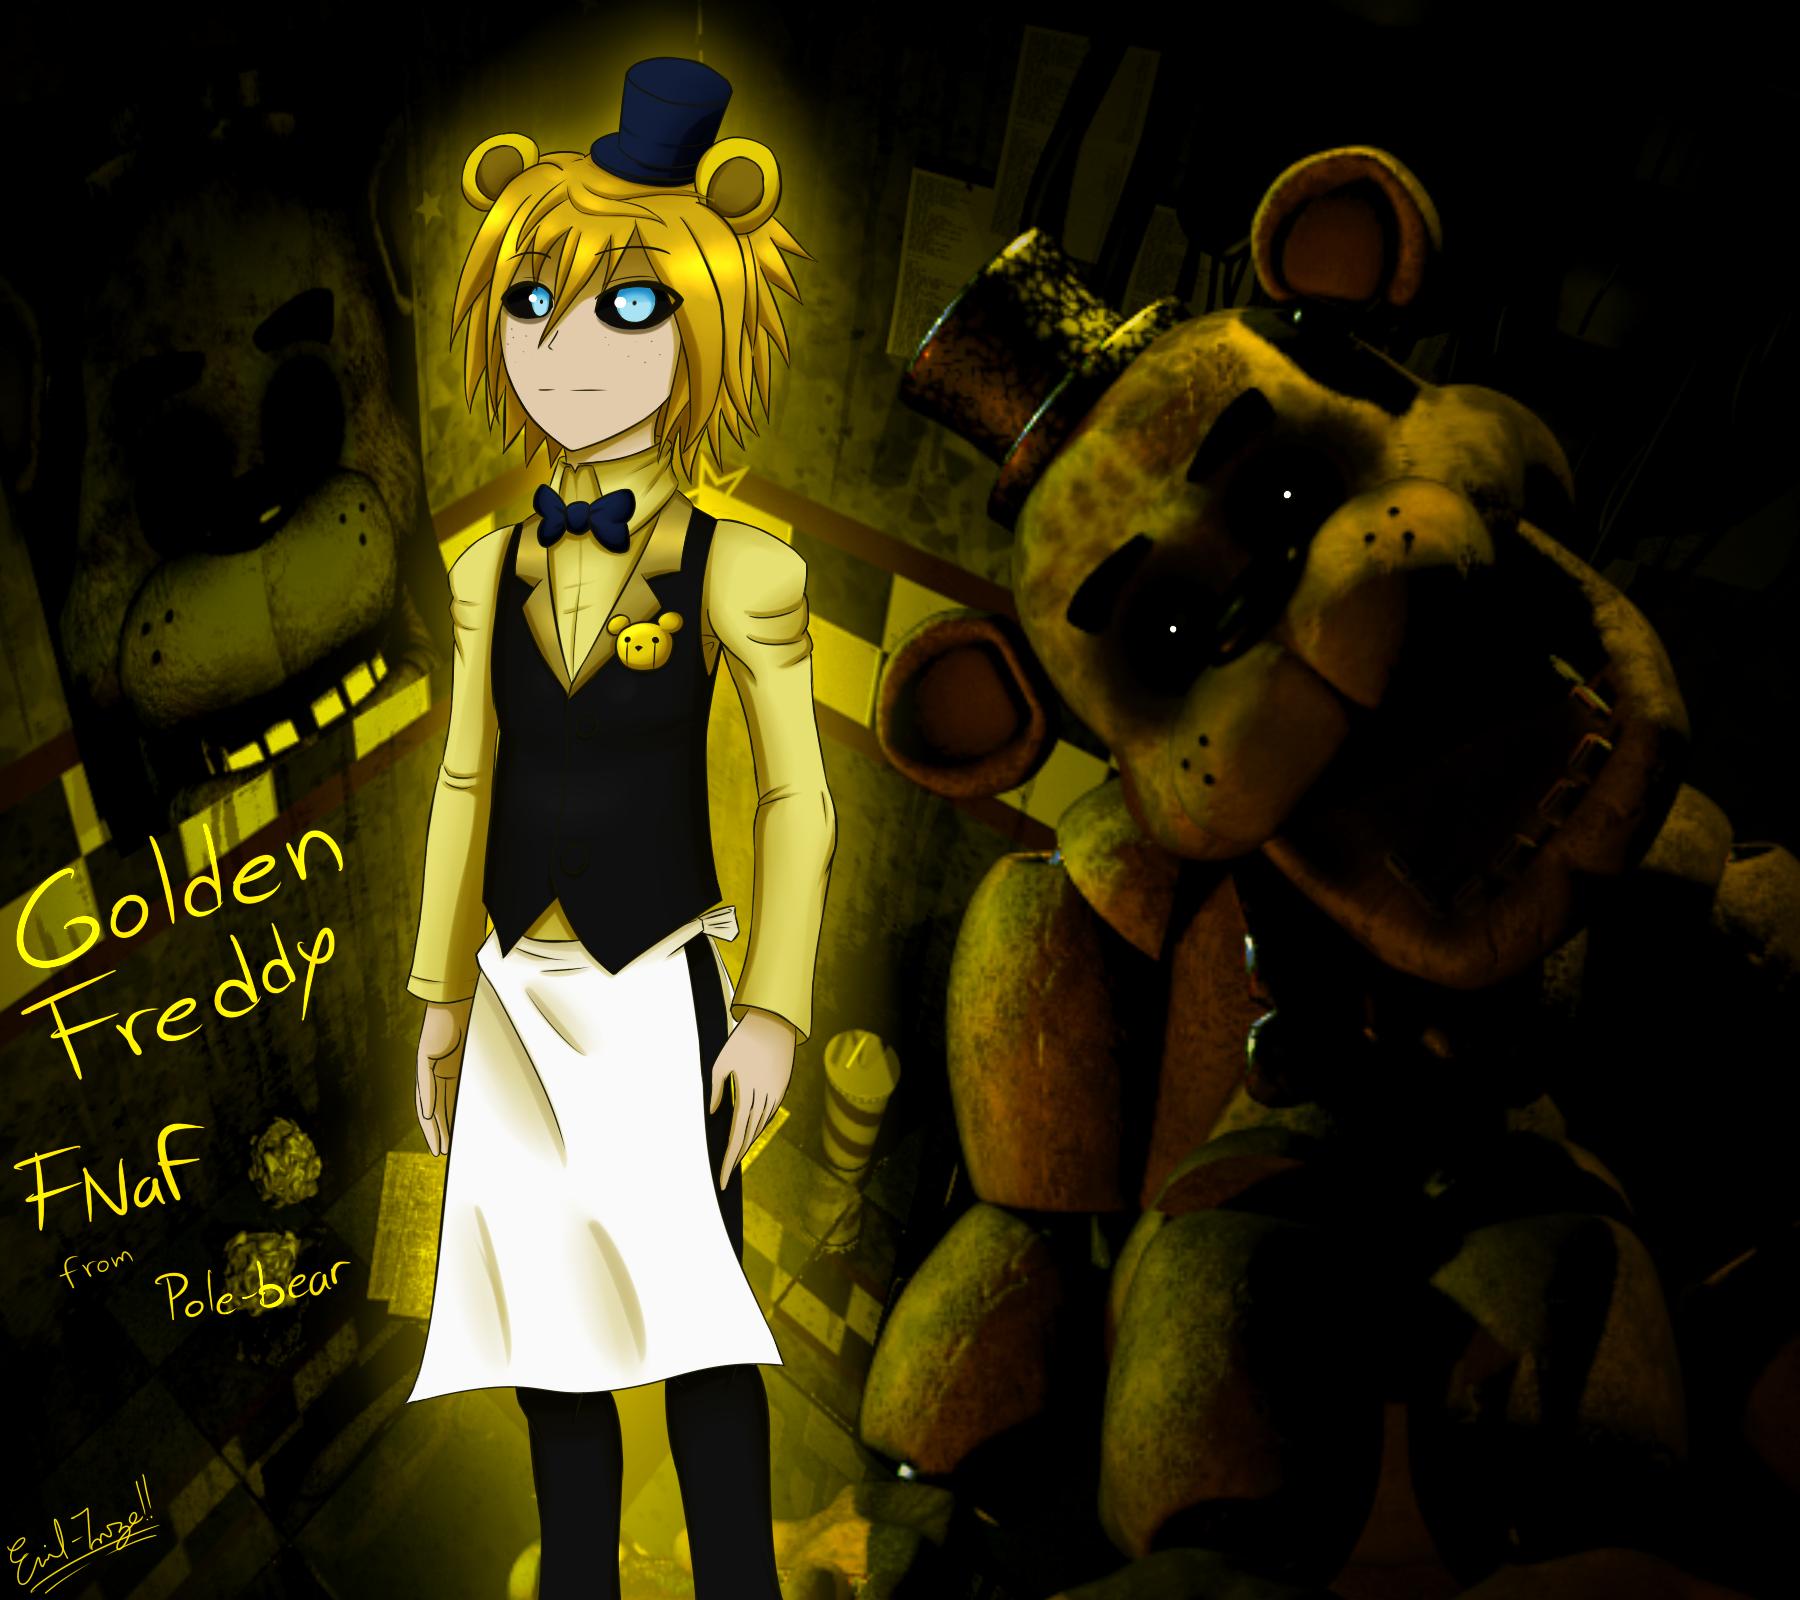 FNaF: Golden Freddy By Emil-Inze On DeviantArt